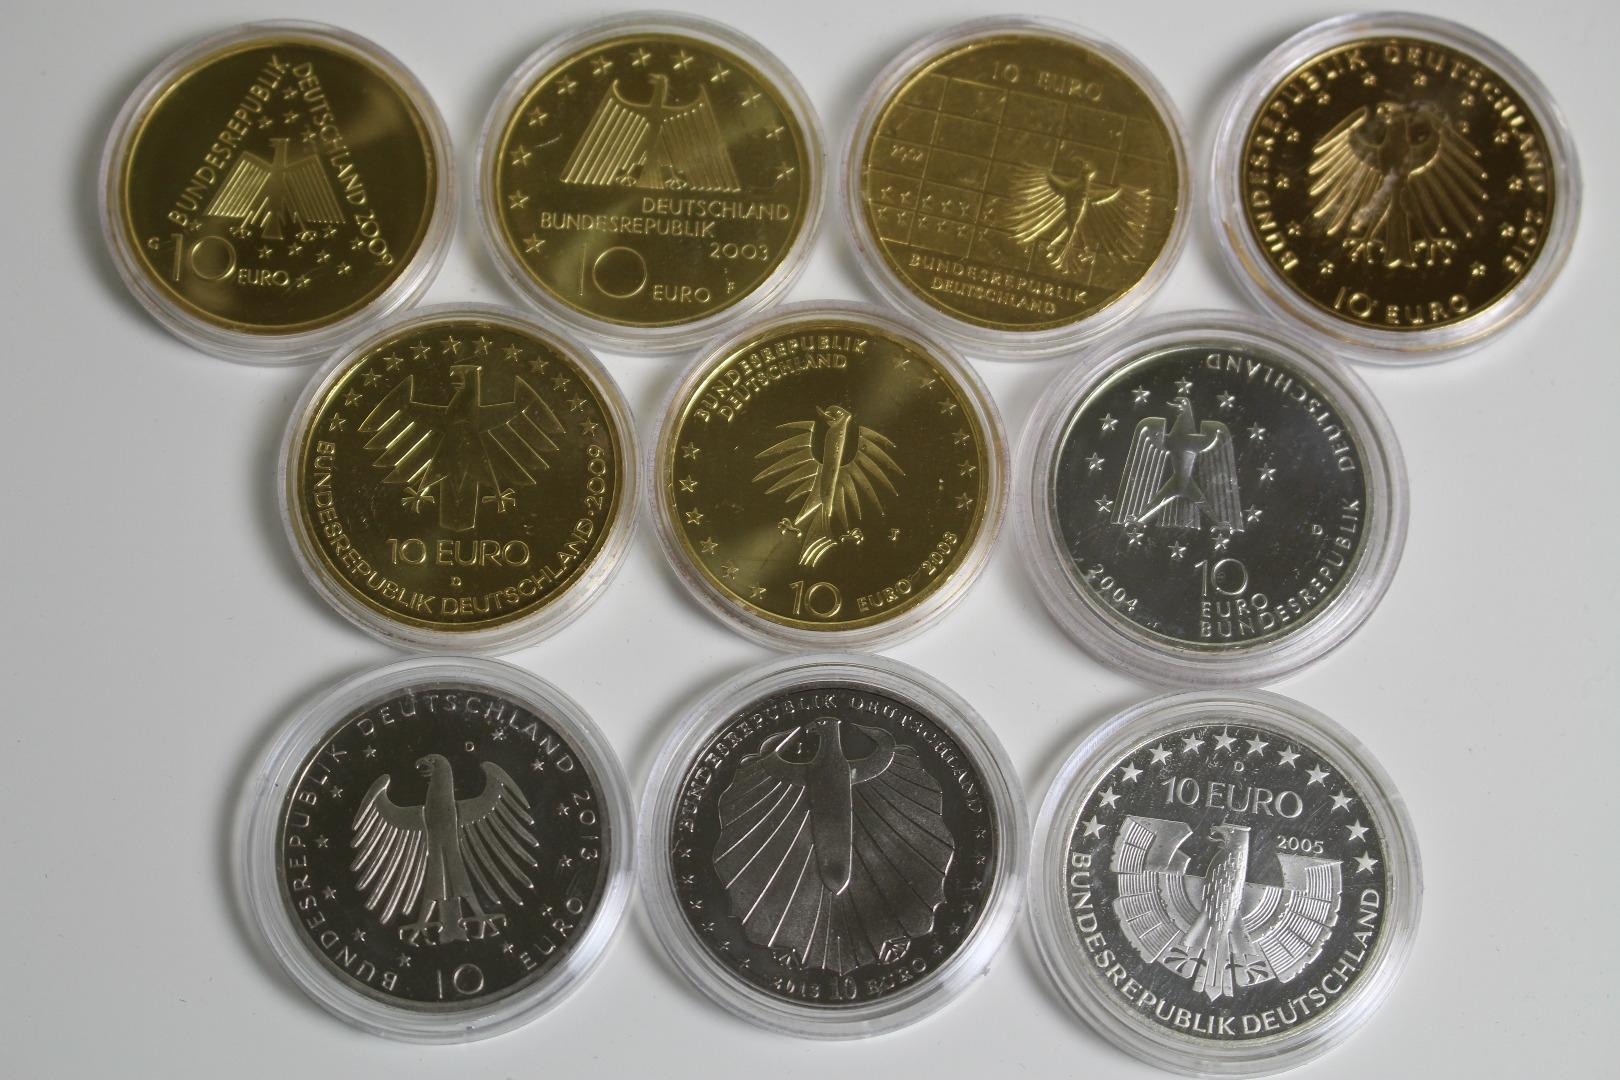 10 X 10 Euro Münzen Partie Vergoldet Oder Mit Farbapplikationen